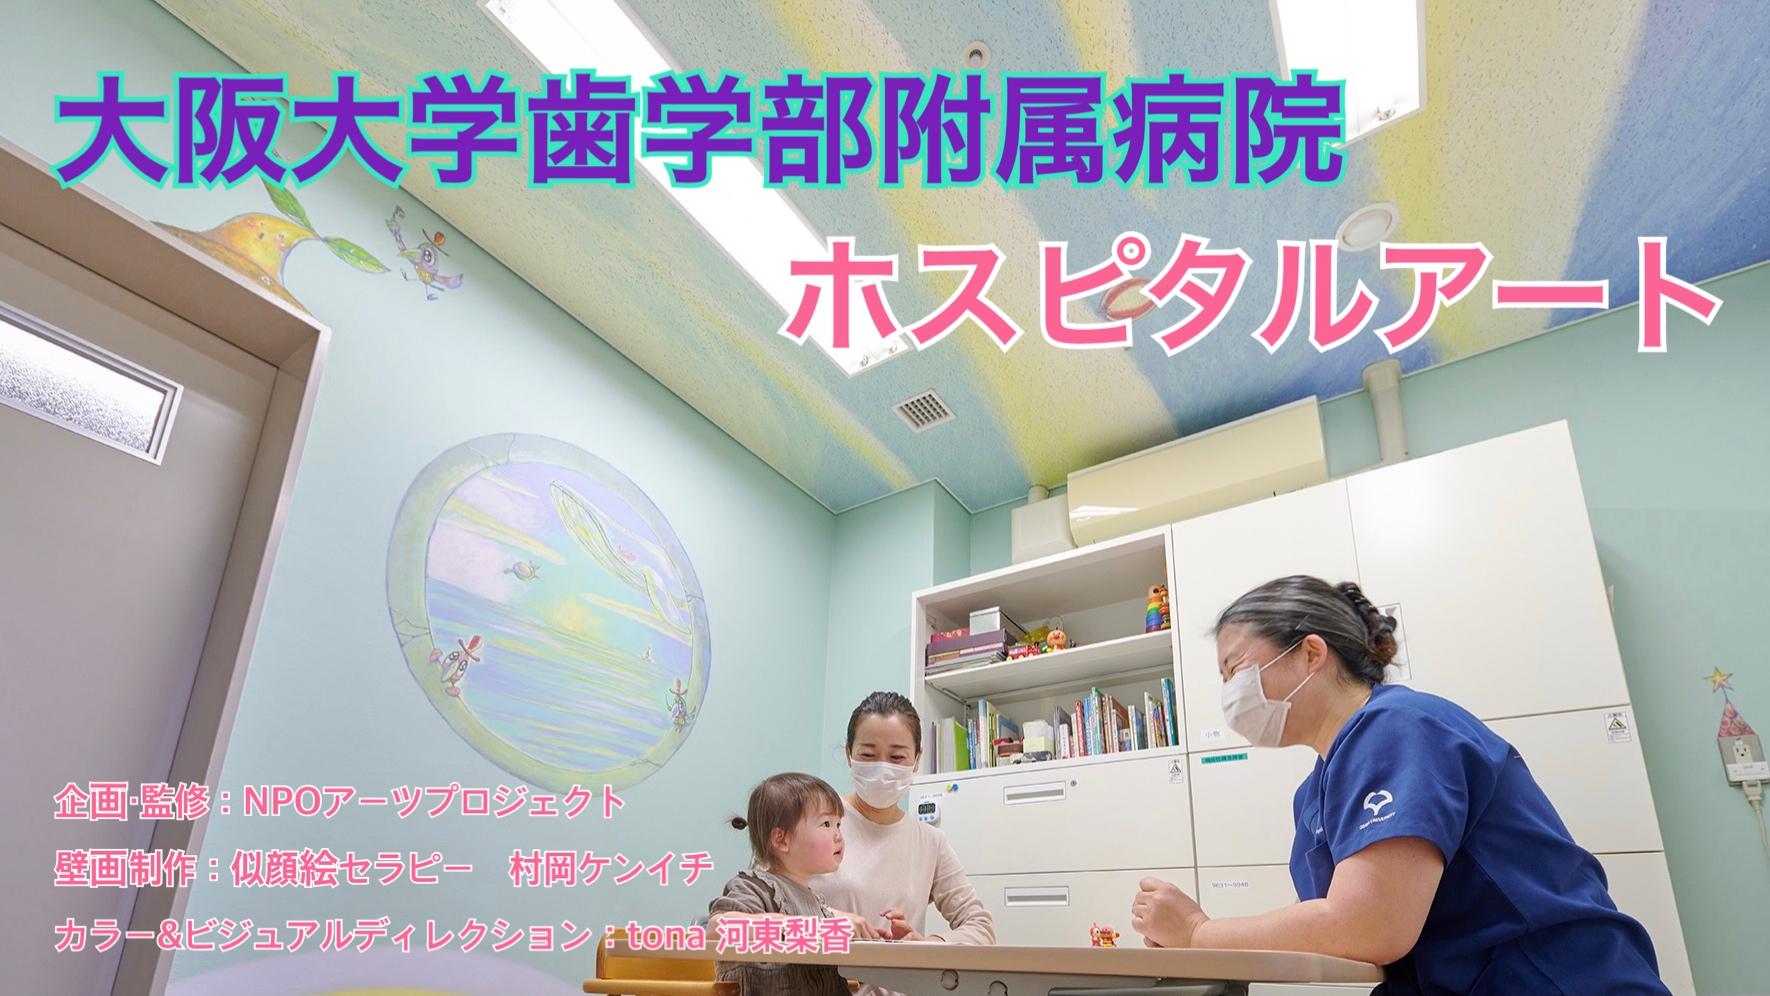 【動画】ホスピタルアート制作現場から~大阪大学歯学部附属病院(2)